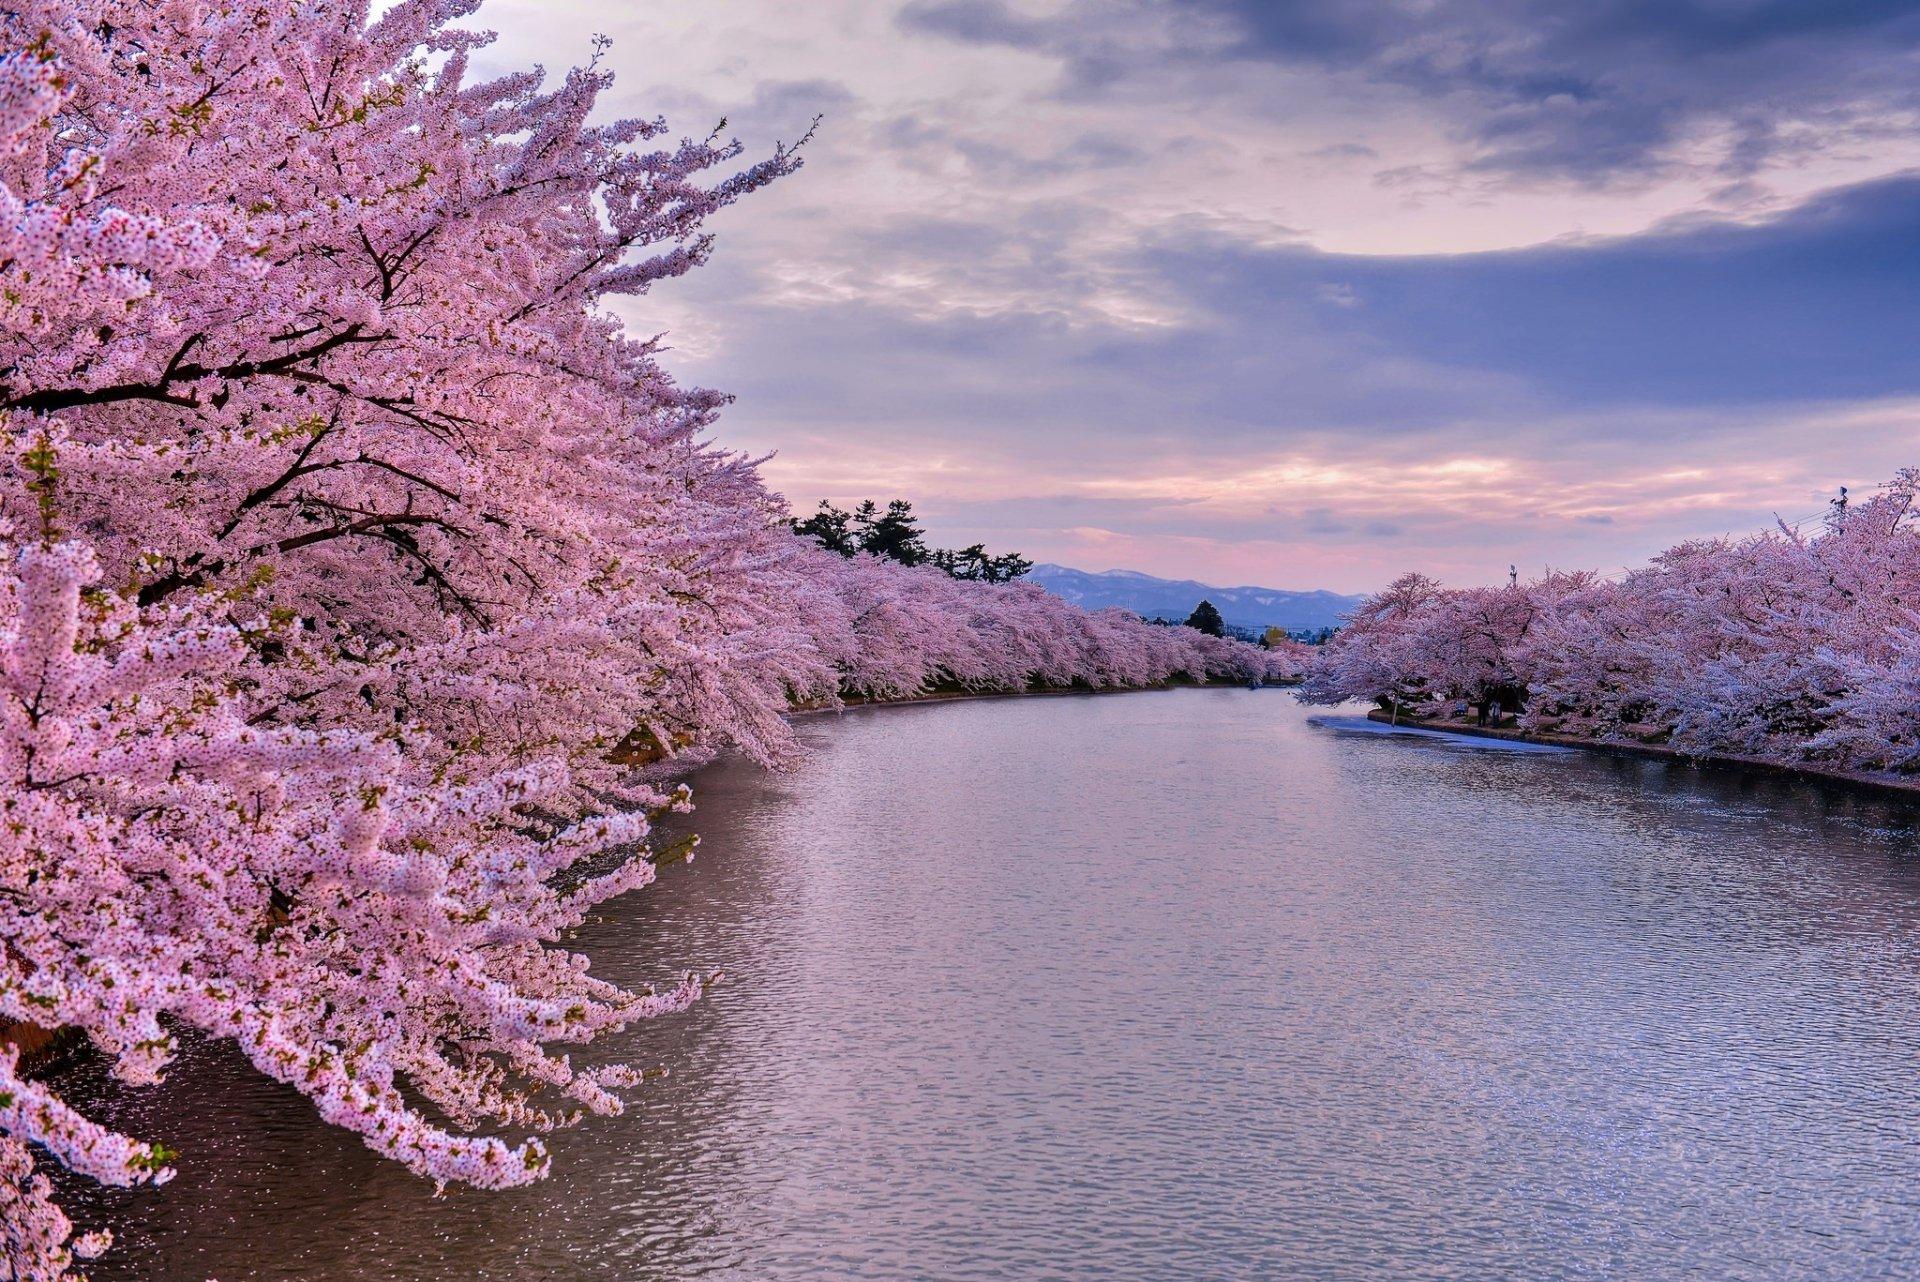 Cherry trees along the river hd wallpaper background for Immagini sfondo desktop primavera